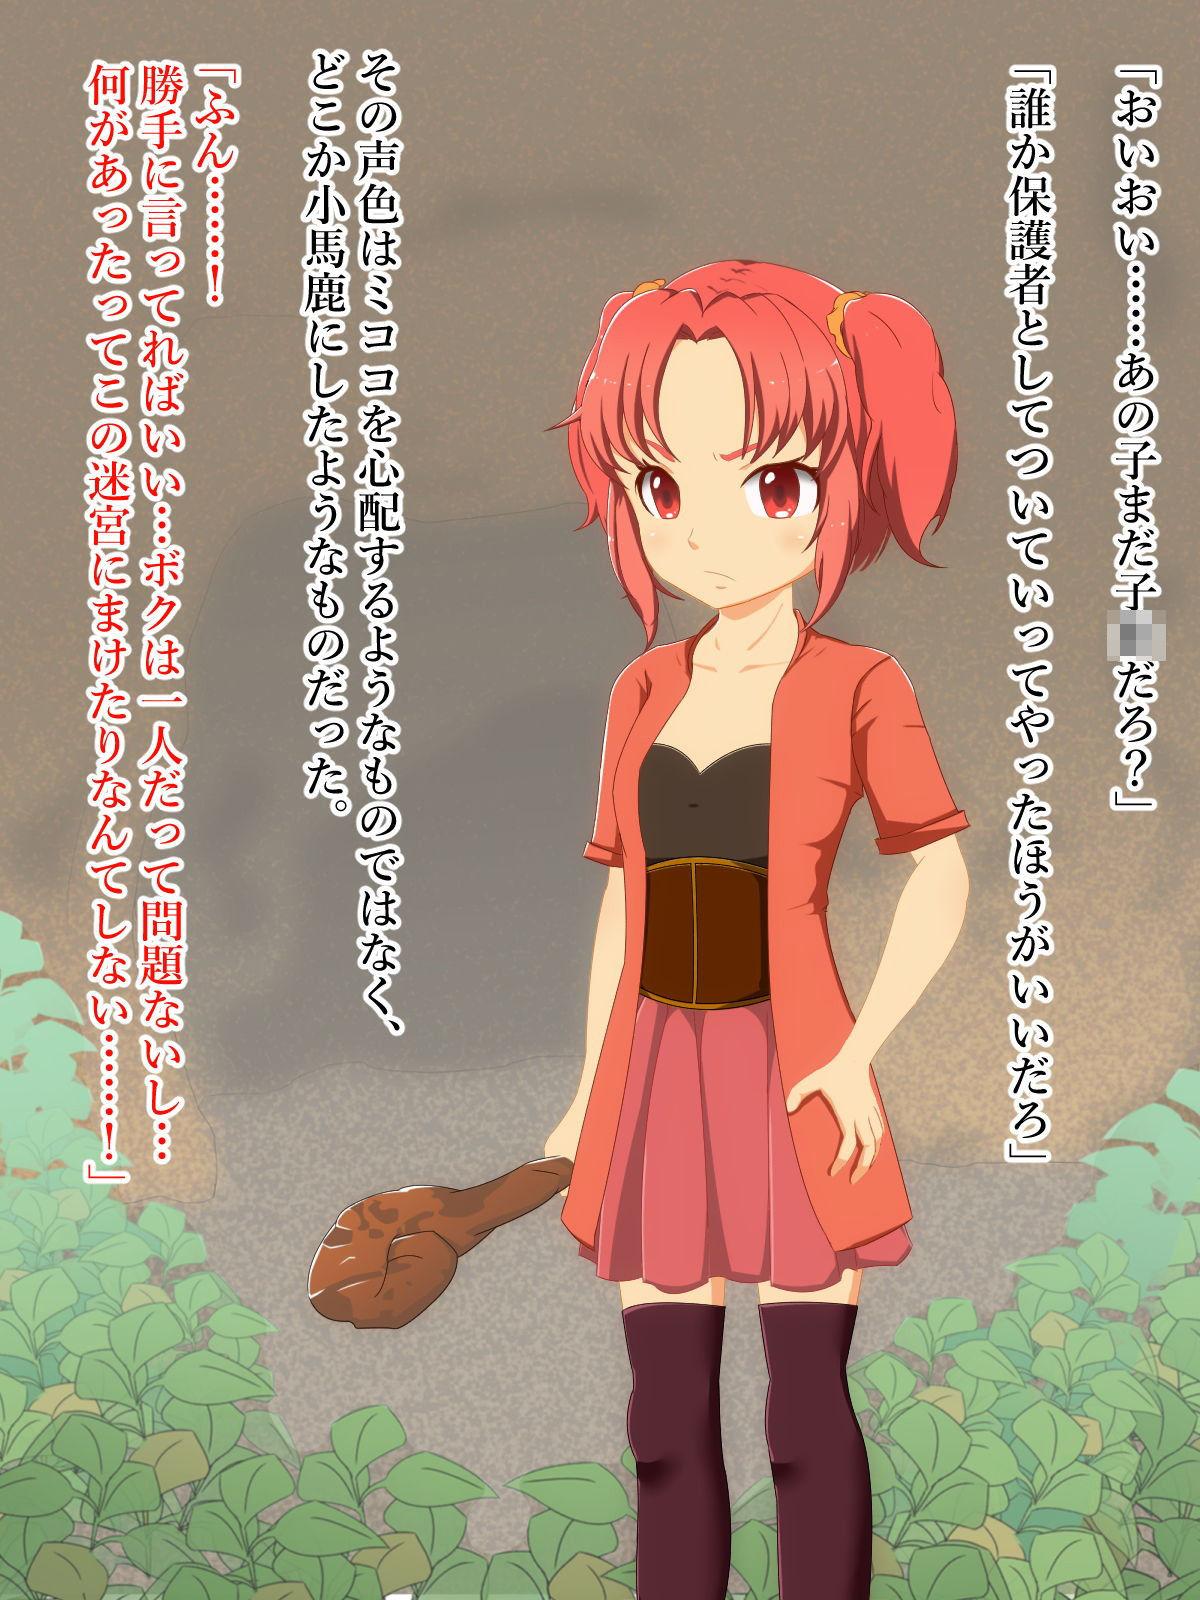 人喰迷宮アンブラ -見習い魔導士ミココの場合- エロ画像